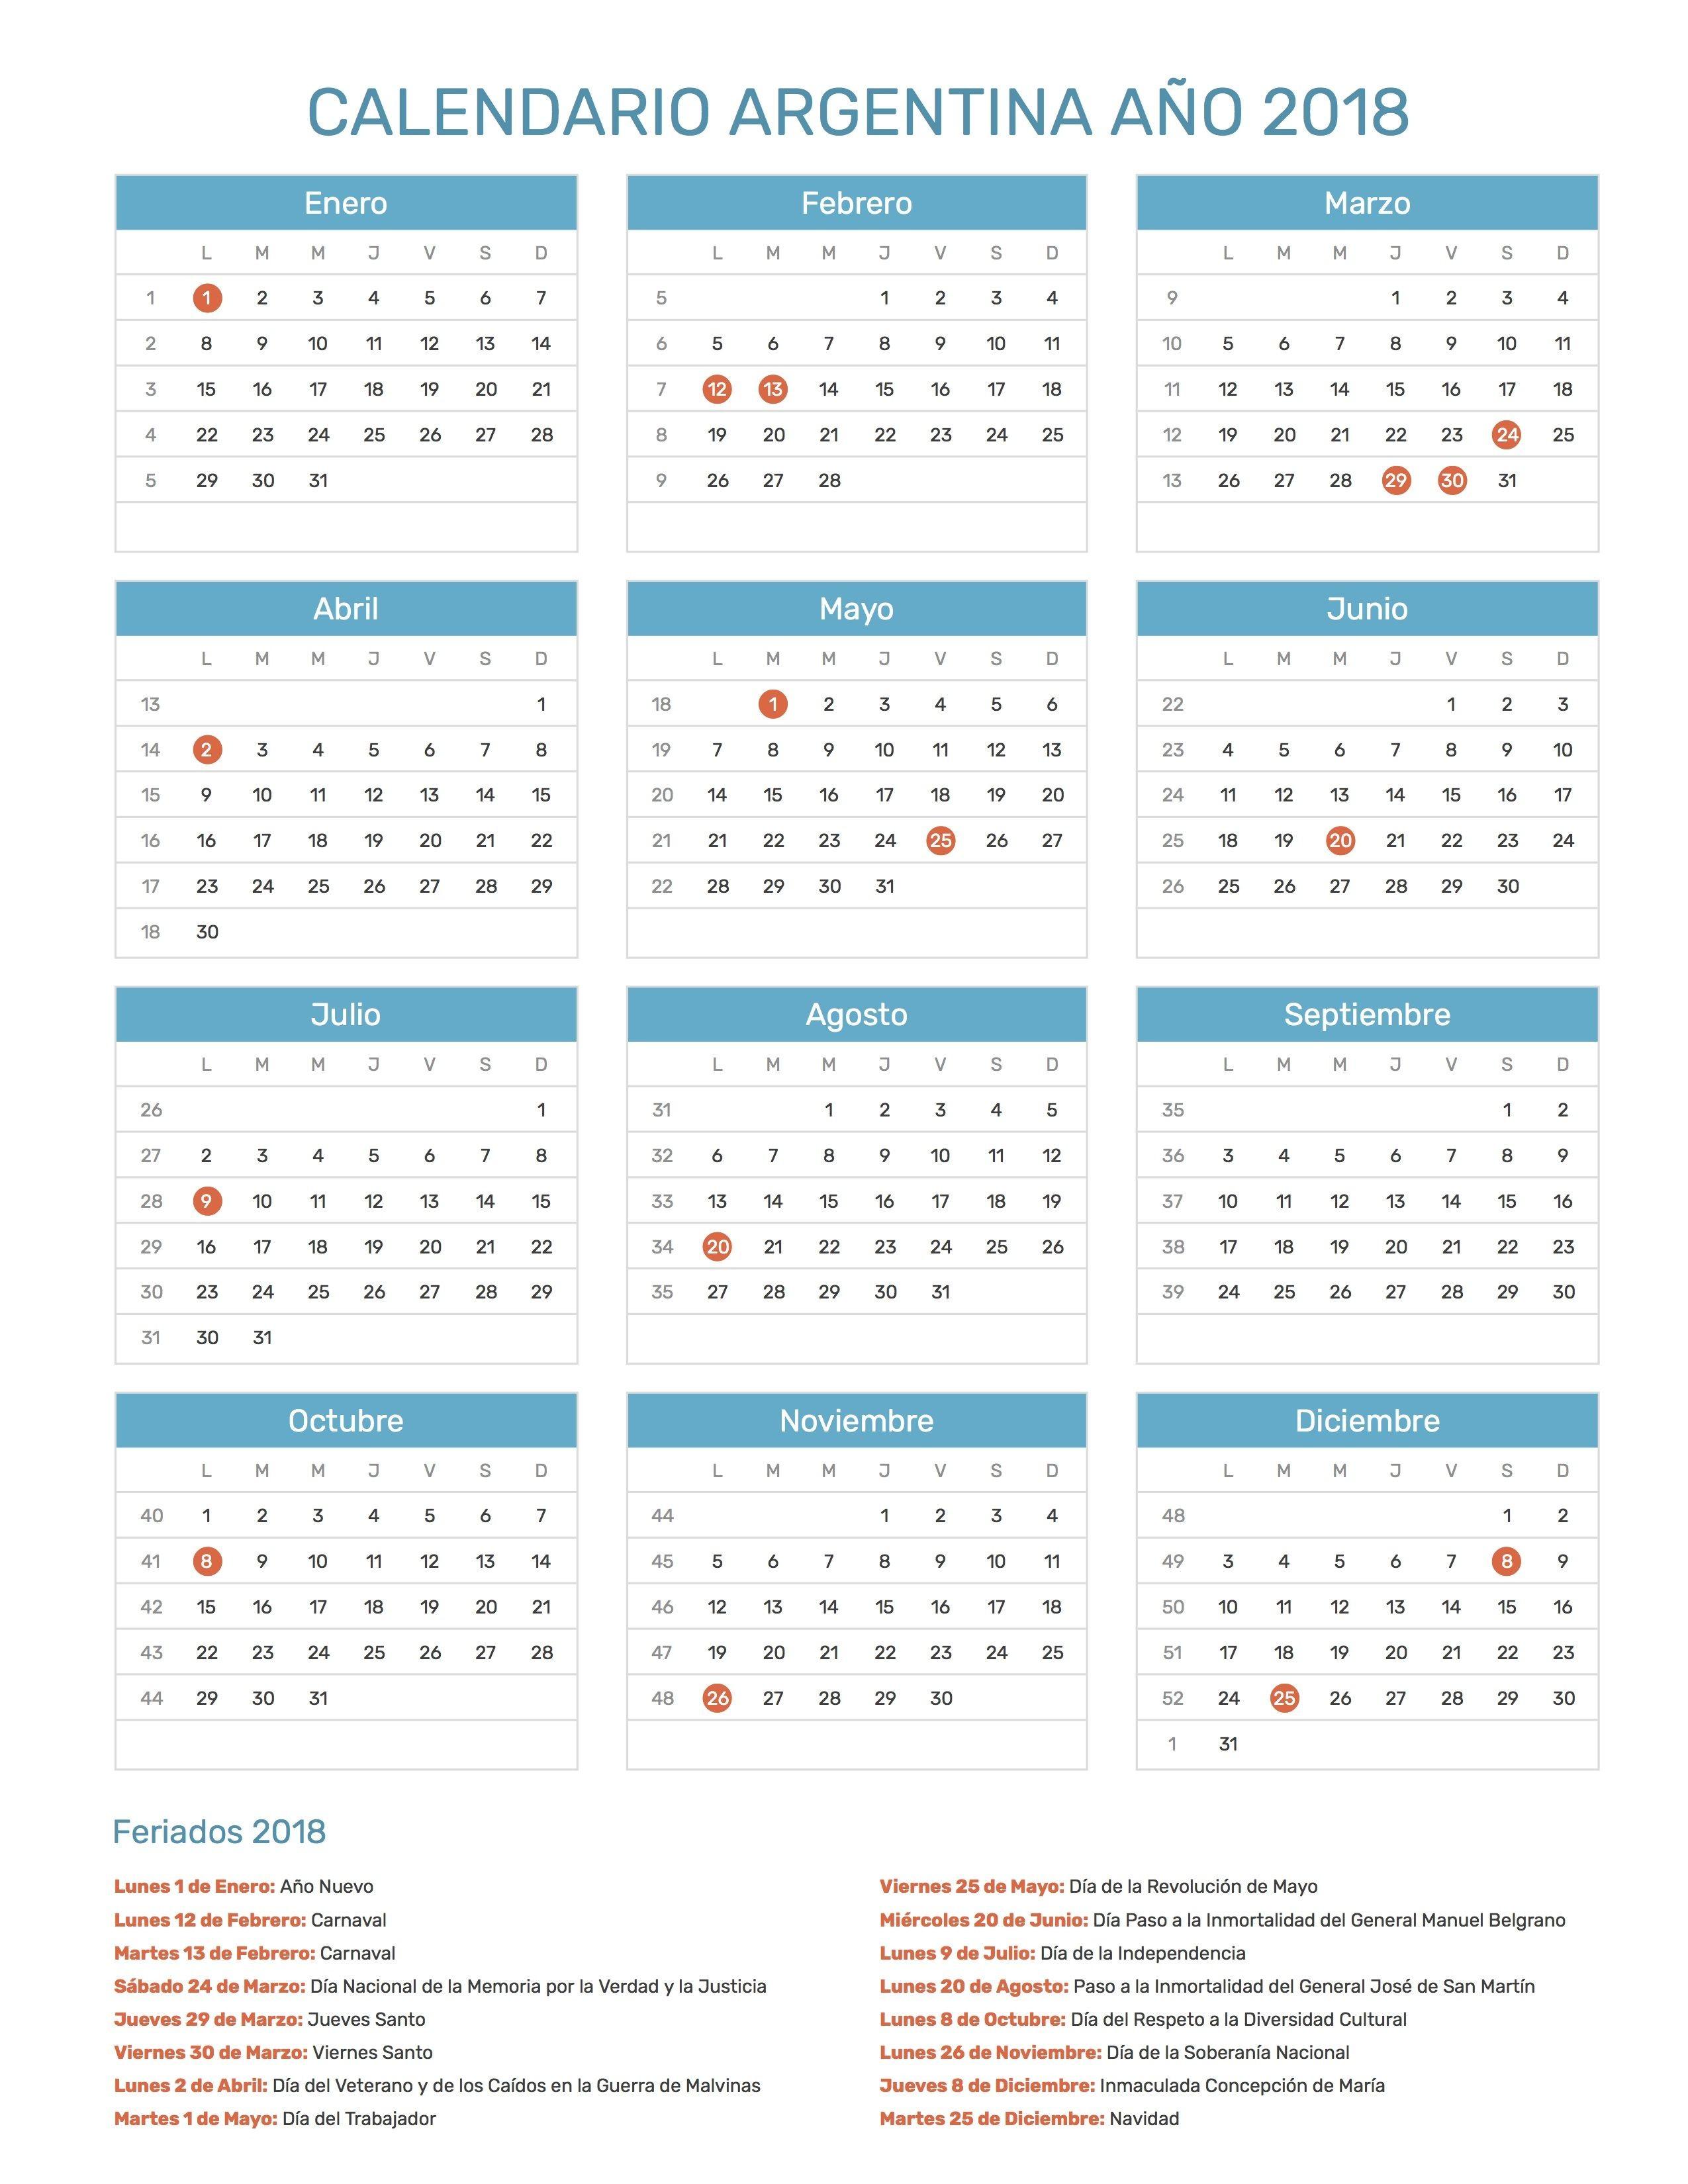 Calendario 2019 Para Imprimir Tumblr Recientes Resultado De Imagen Para Calendario 2018 Para Imprimir Of Calendario 2019 Para Imprimir Tumblr Actual Gallery C